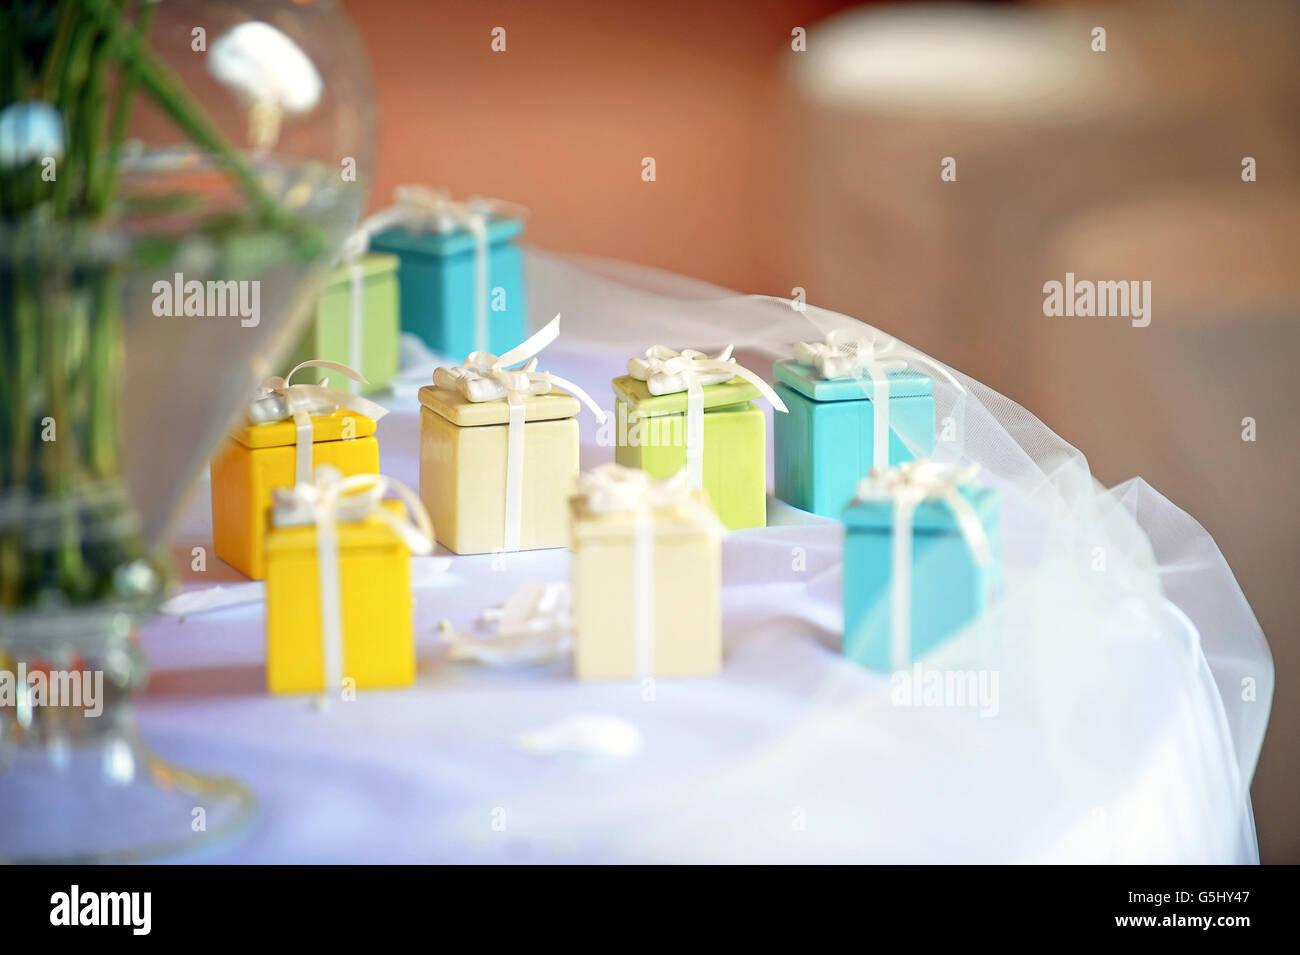 Brillantemente coloridos poco favores del partido en forma de cajas de regalos decorativos Imagen De Stock